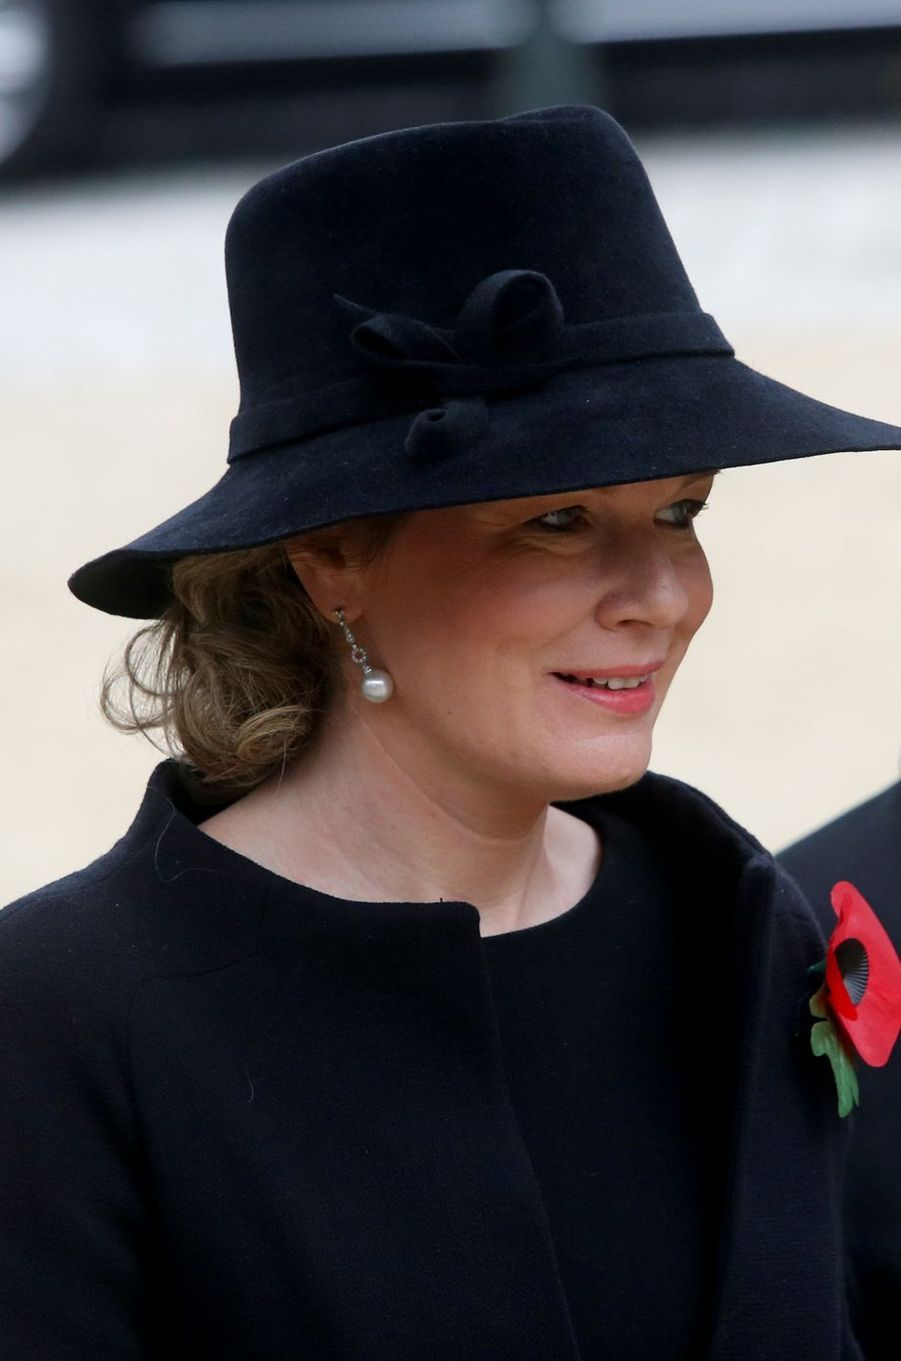 La reine Mathilde de Belgique à Bruxelles, le 11 novembre 2018